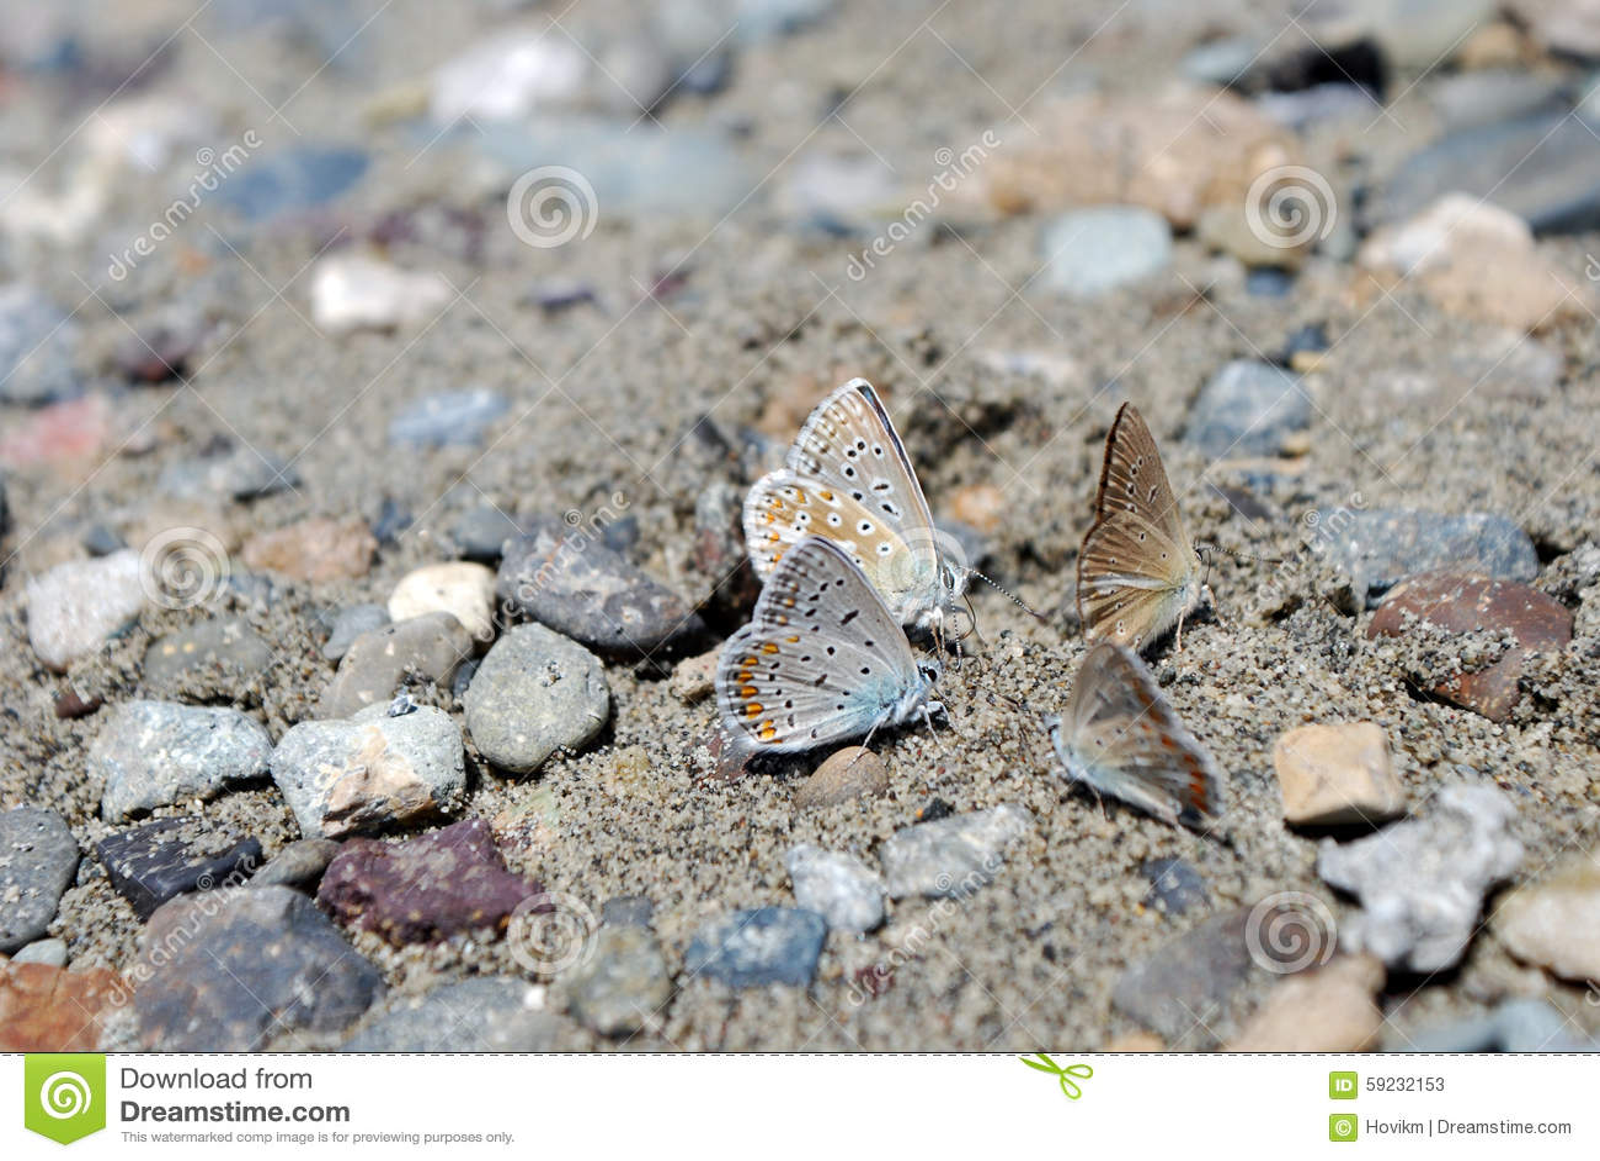 Download Mariposas De Foure En La Arena Imagen de archivo - Imagen de d0, camino: 59232153